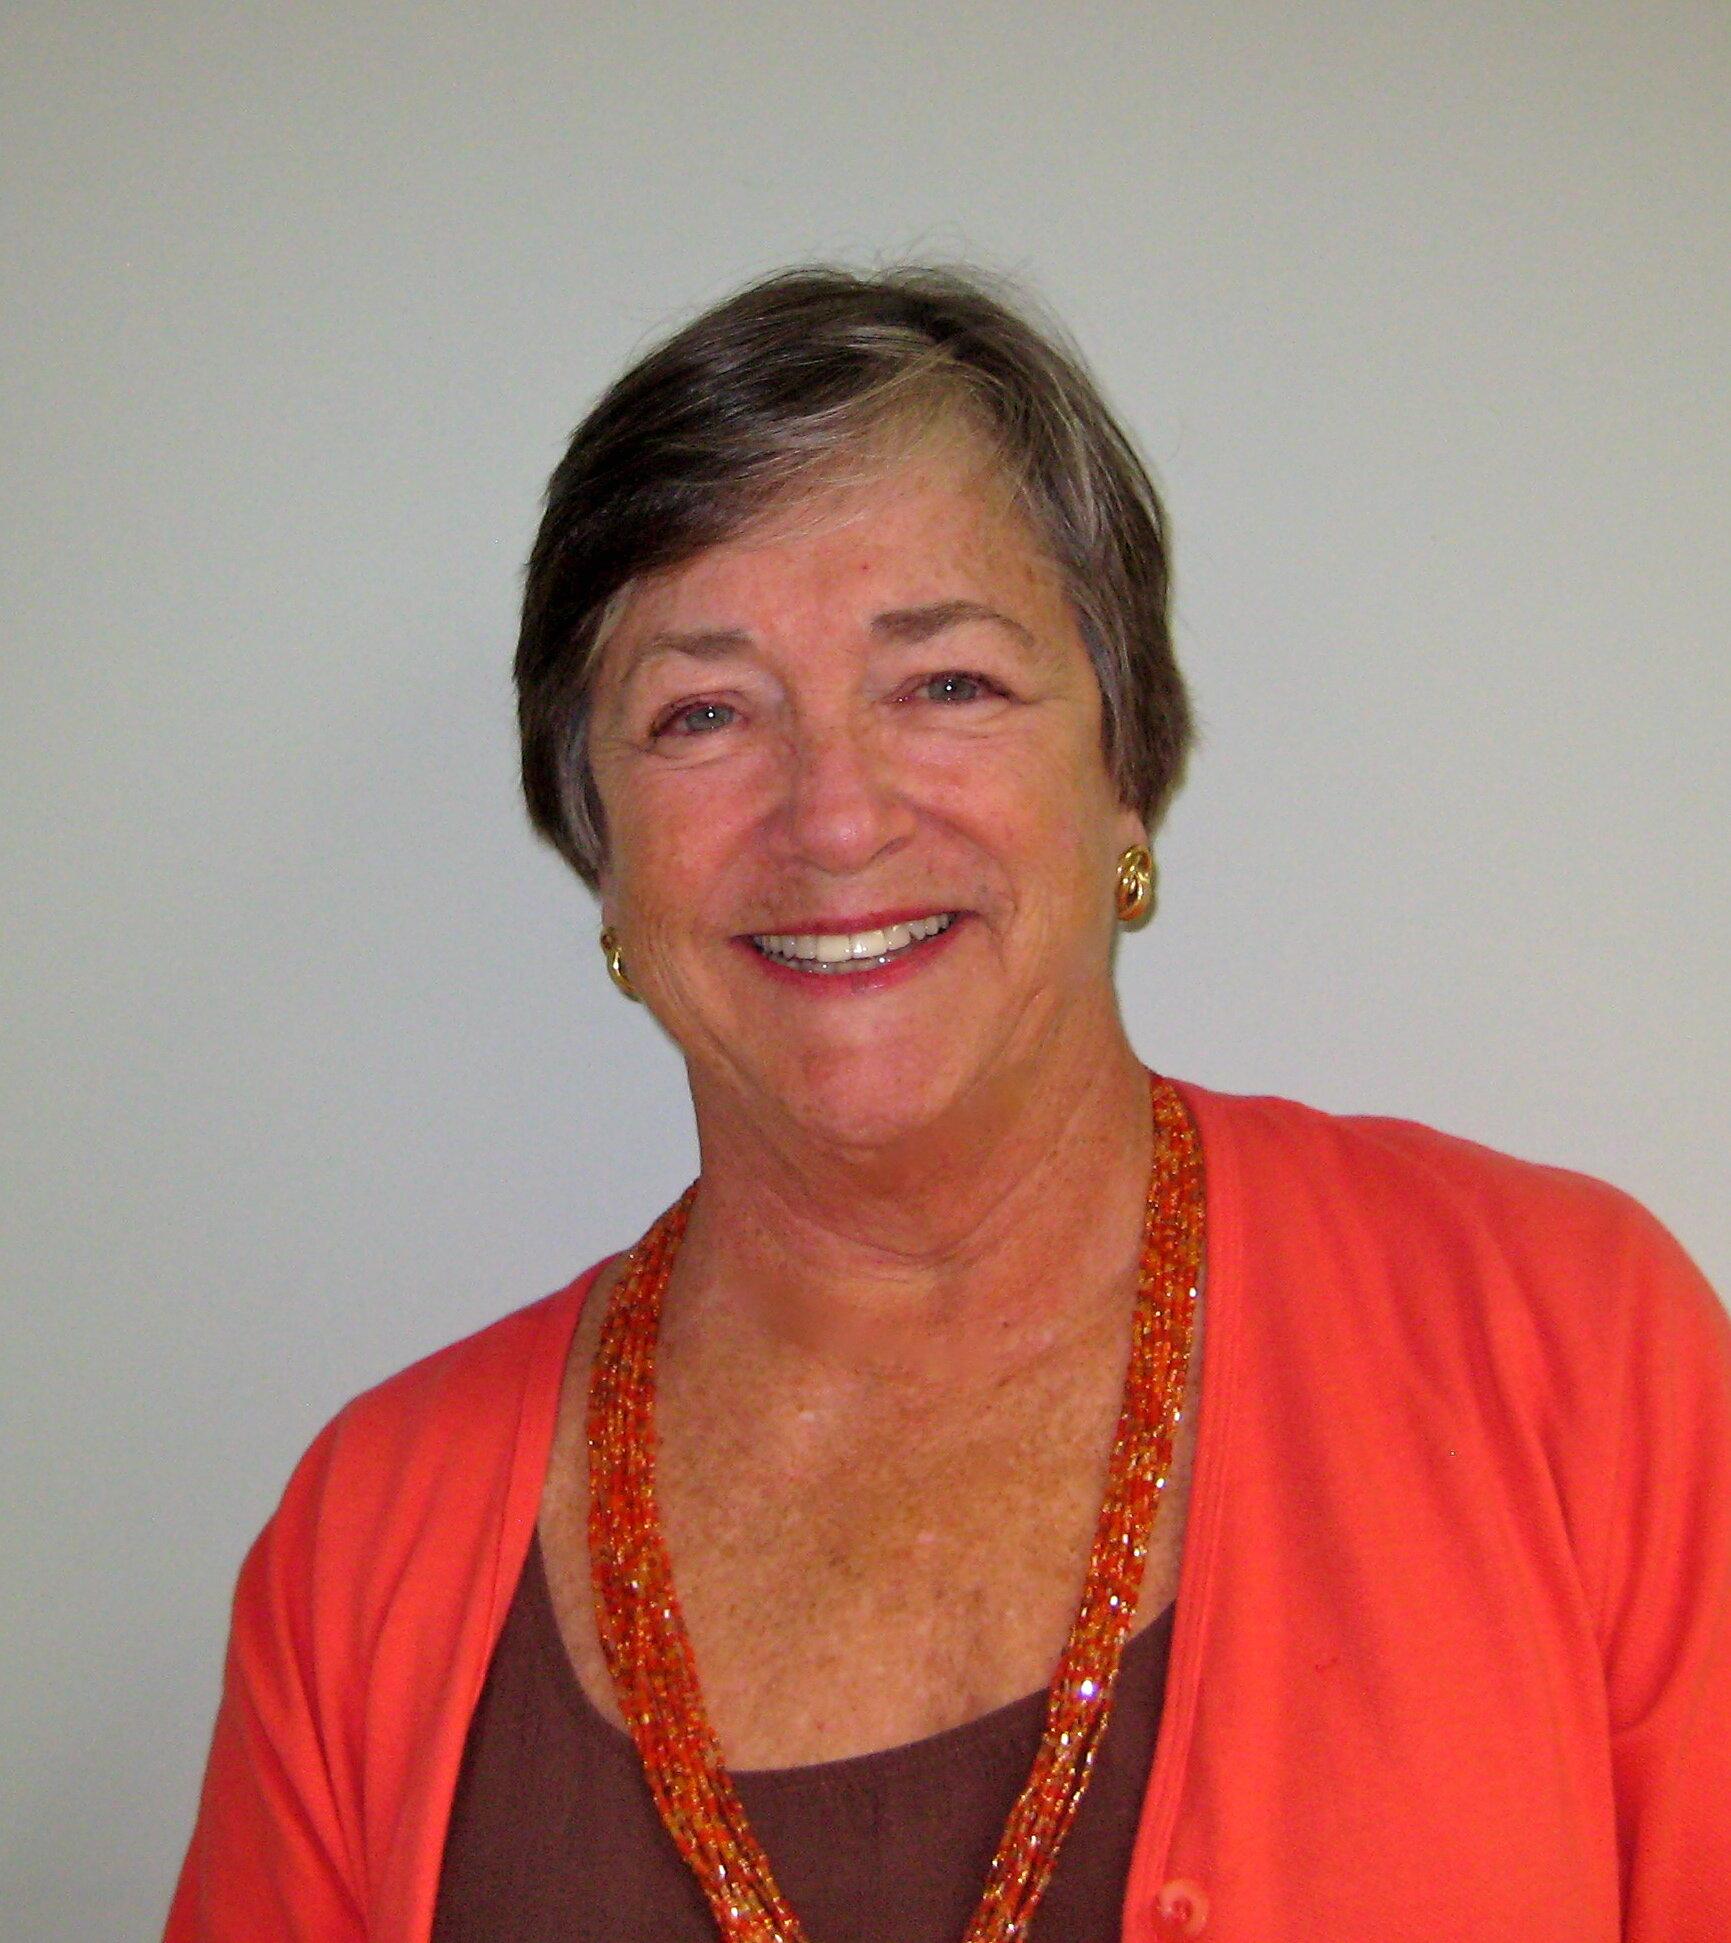 Jody Sullivan - for Town Supervisor